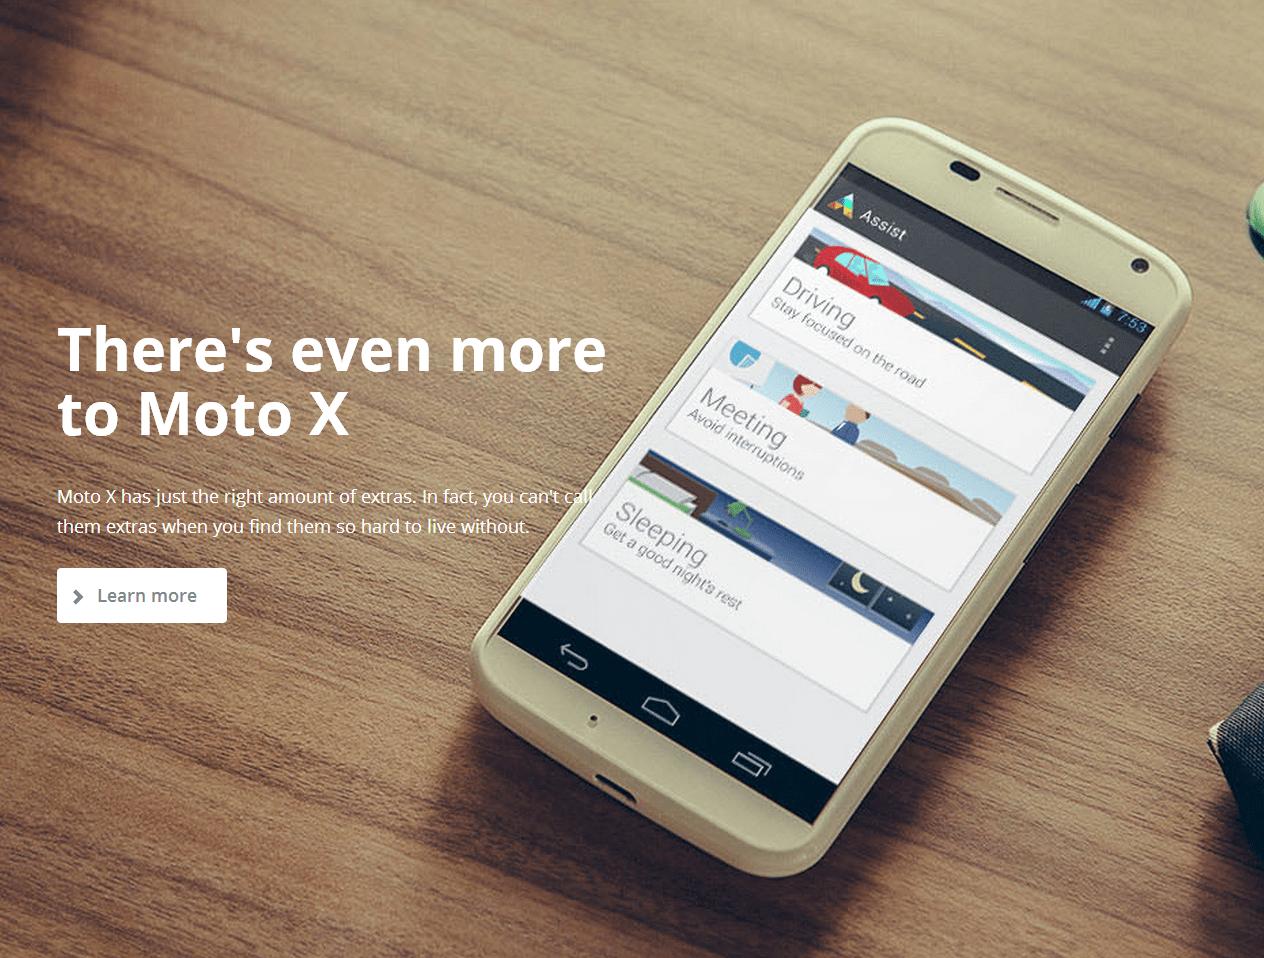 Moto X landing page